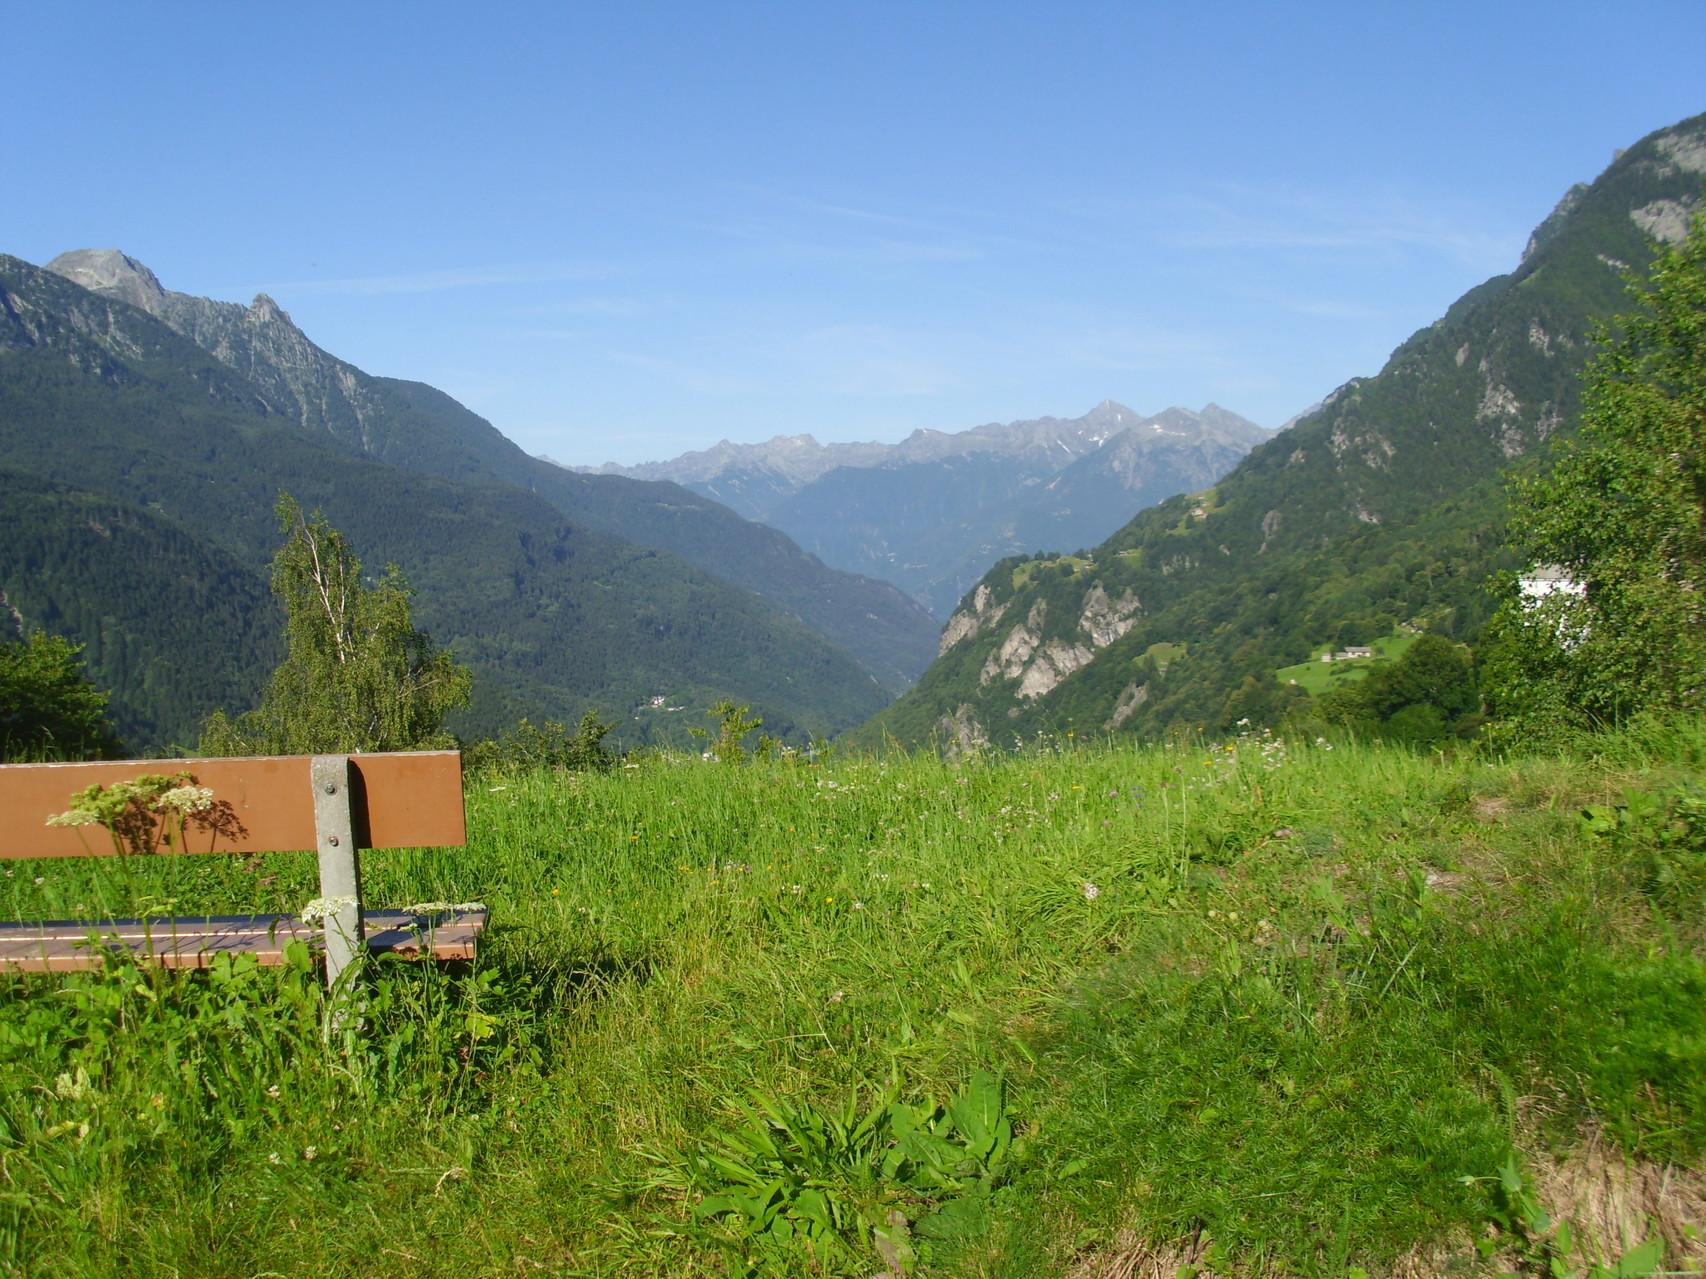 Wunderschöner Ausblick nach Italien.